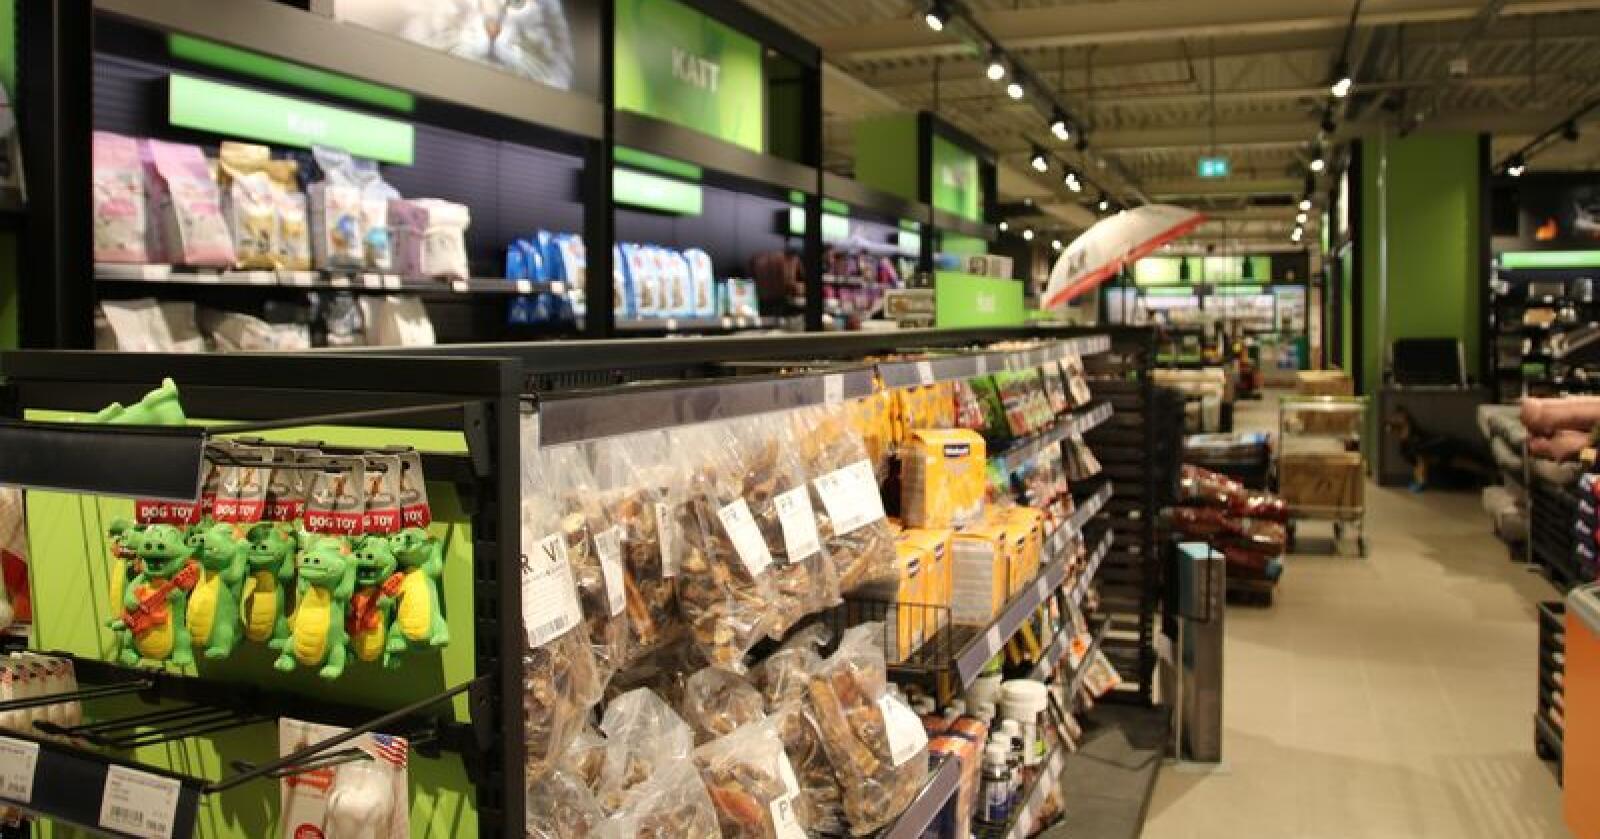 Felleskjøpet tester nå ut salg av utvalgte matvarer også for tobeinte. Arkivfoto: Karl Erik Berge